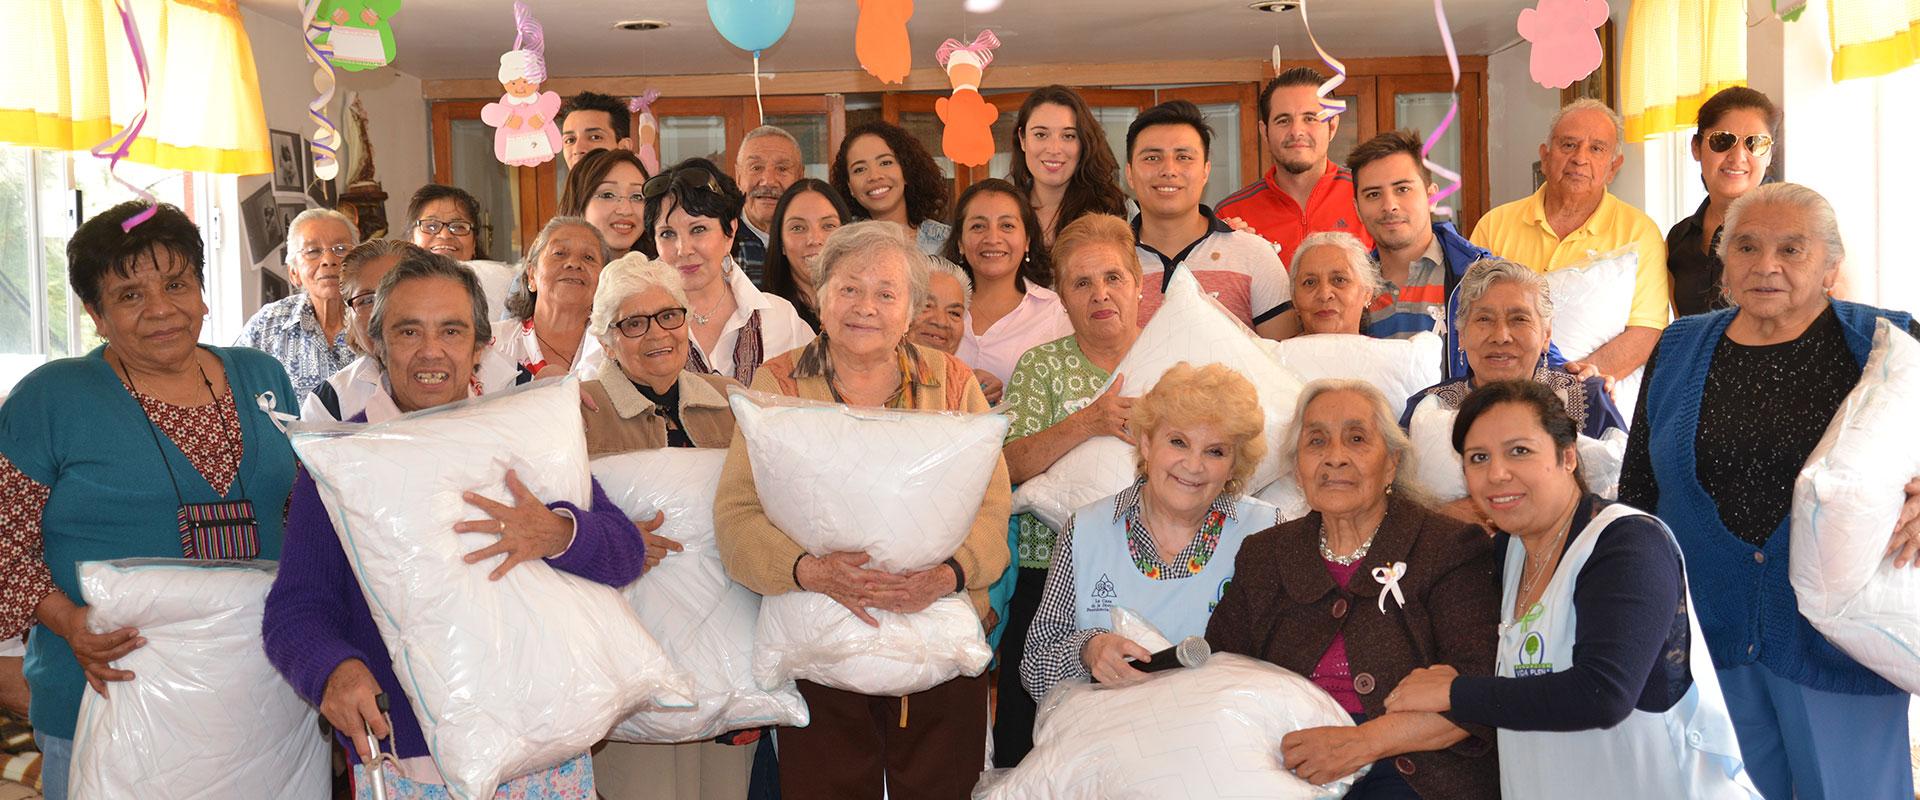 Fotografía de voluntariado con los abuelos en la visita a la Fundación Vida Plena IAP.